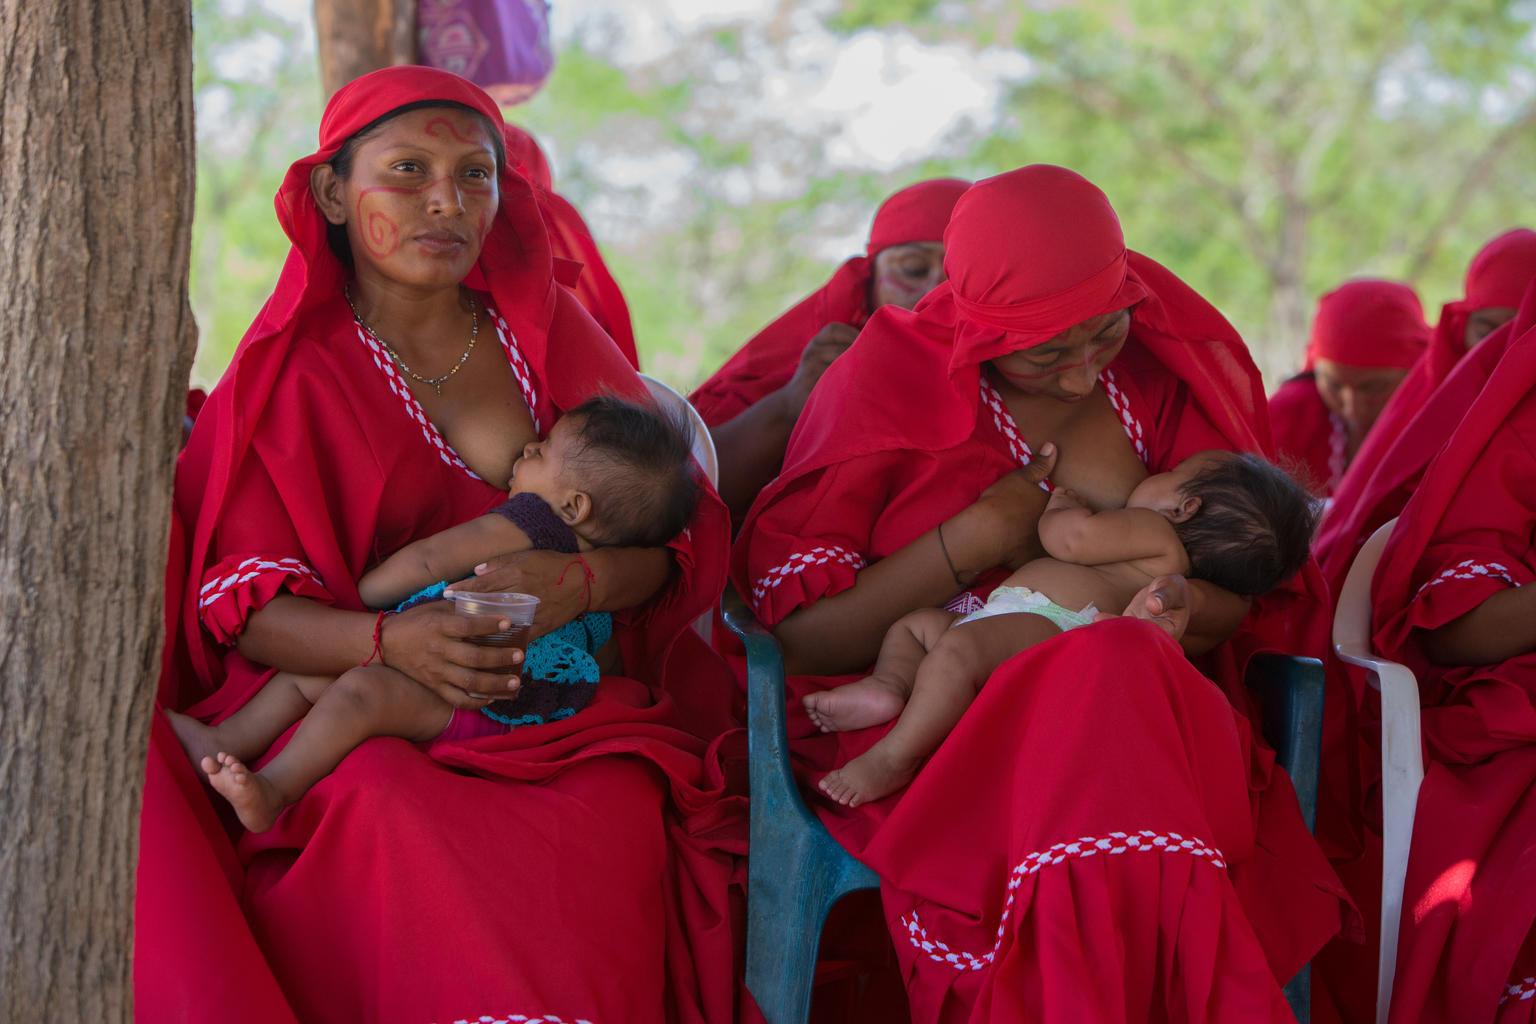 Las madres wayuu aprendieron que amamantar es clave para la buena nutrición de los niños.